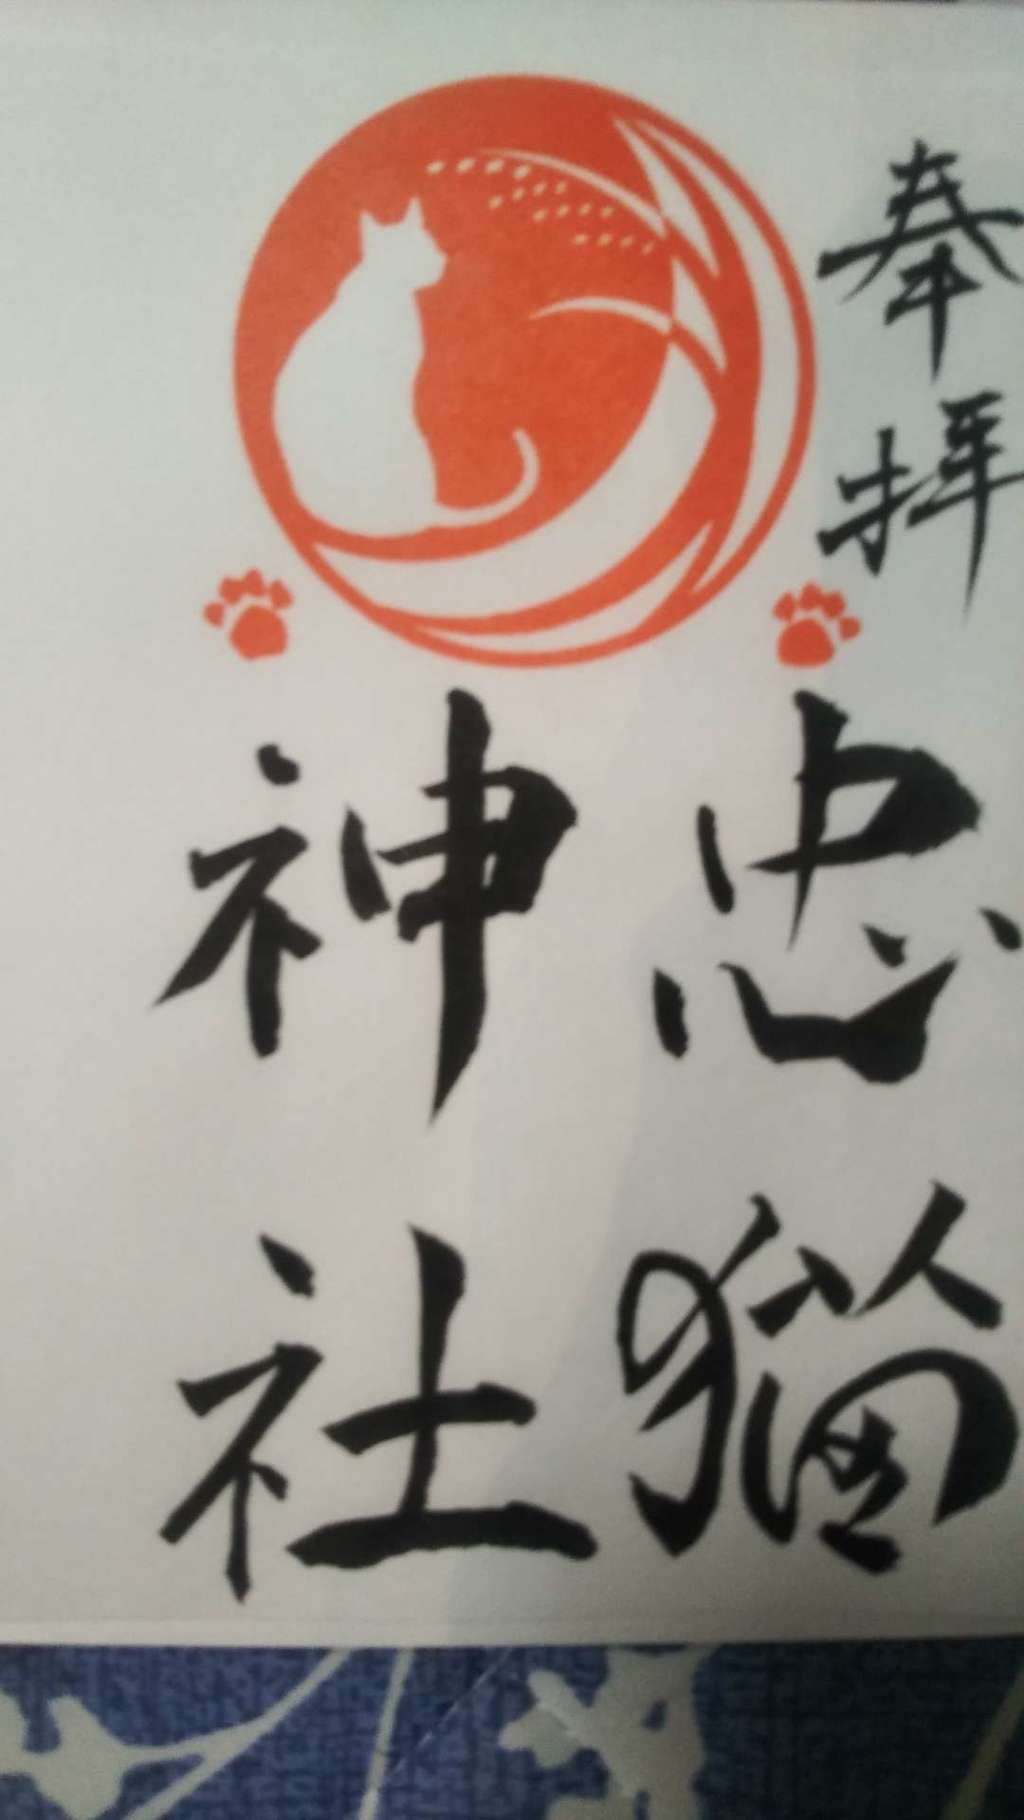 忠猫神社の御朱印